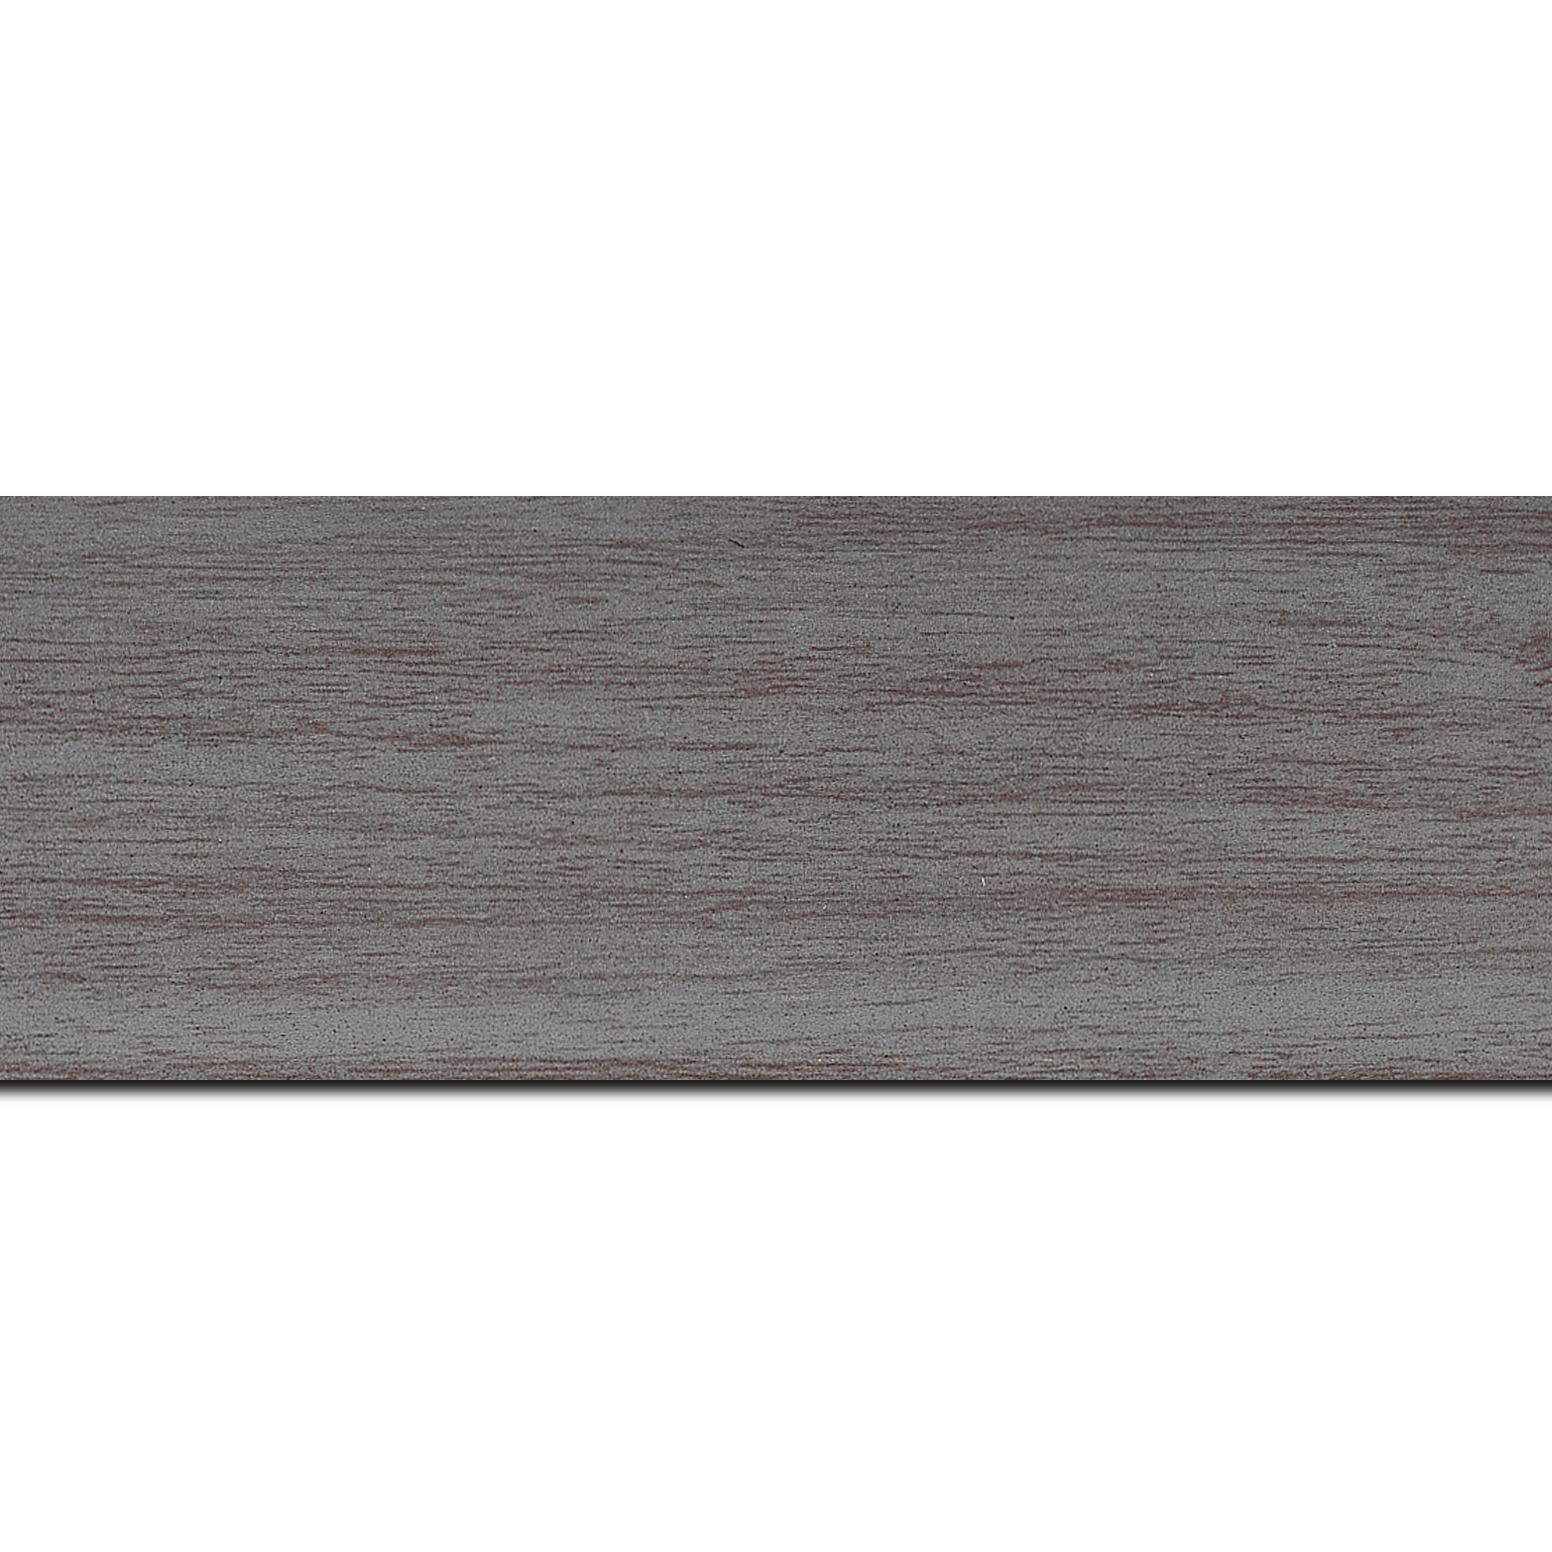 Baguette longueur 1.40m bois profil plat largeur 6cm gris satiné effet veiné ,chant extérieur du cadre de couleur noire